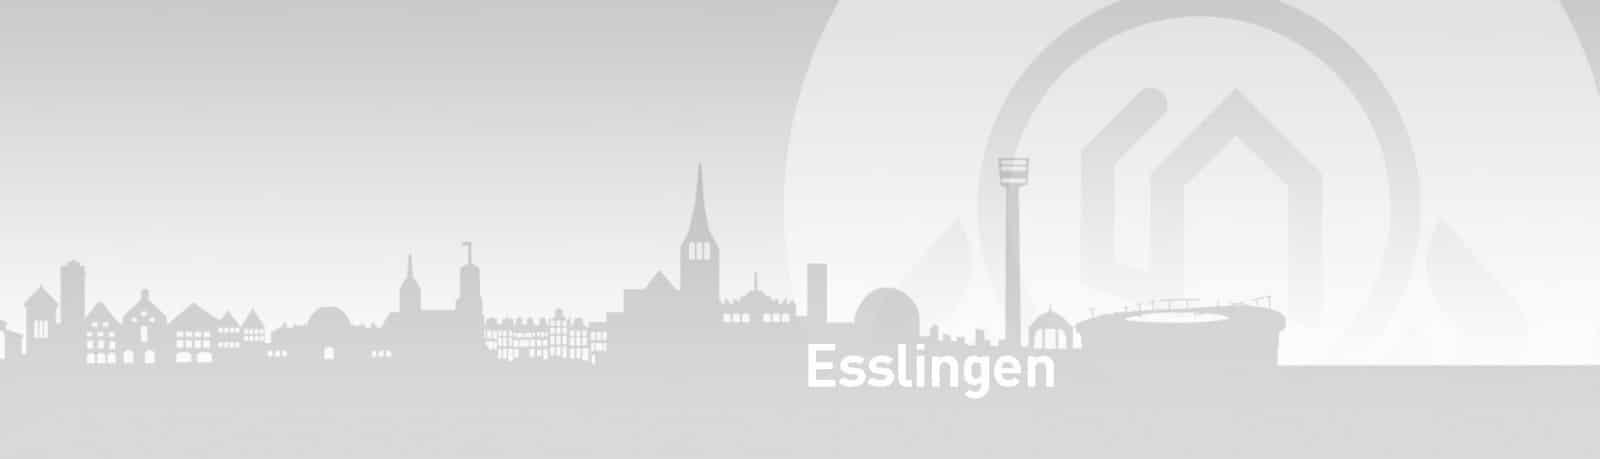 Esslingen SENCURINA - Besondere Leistungen Esslingen